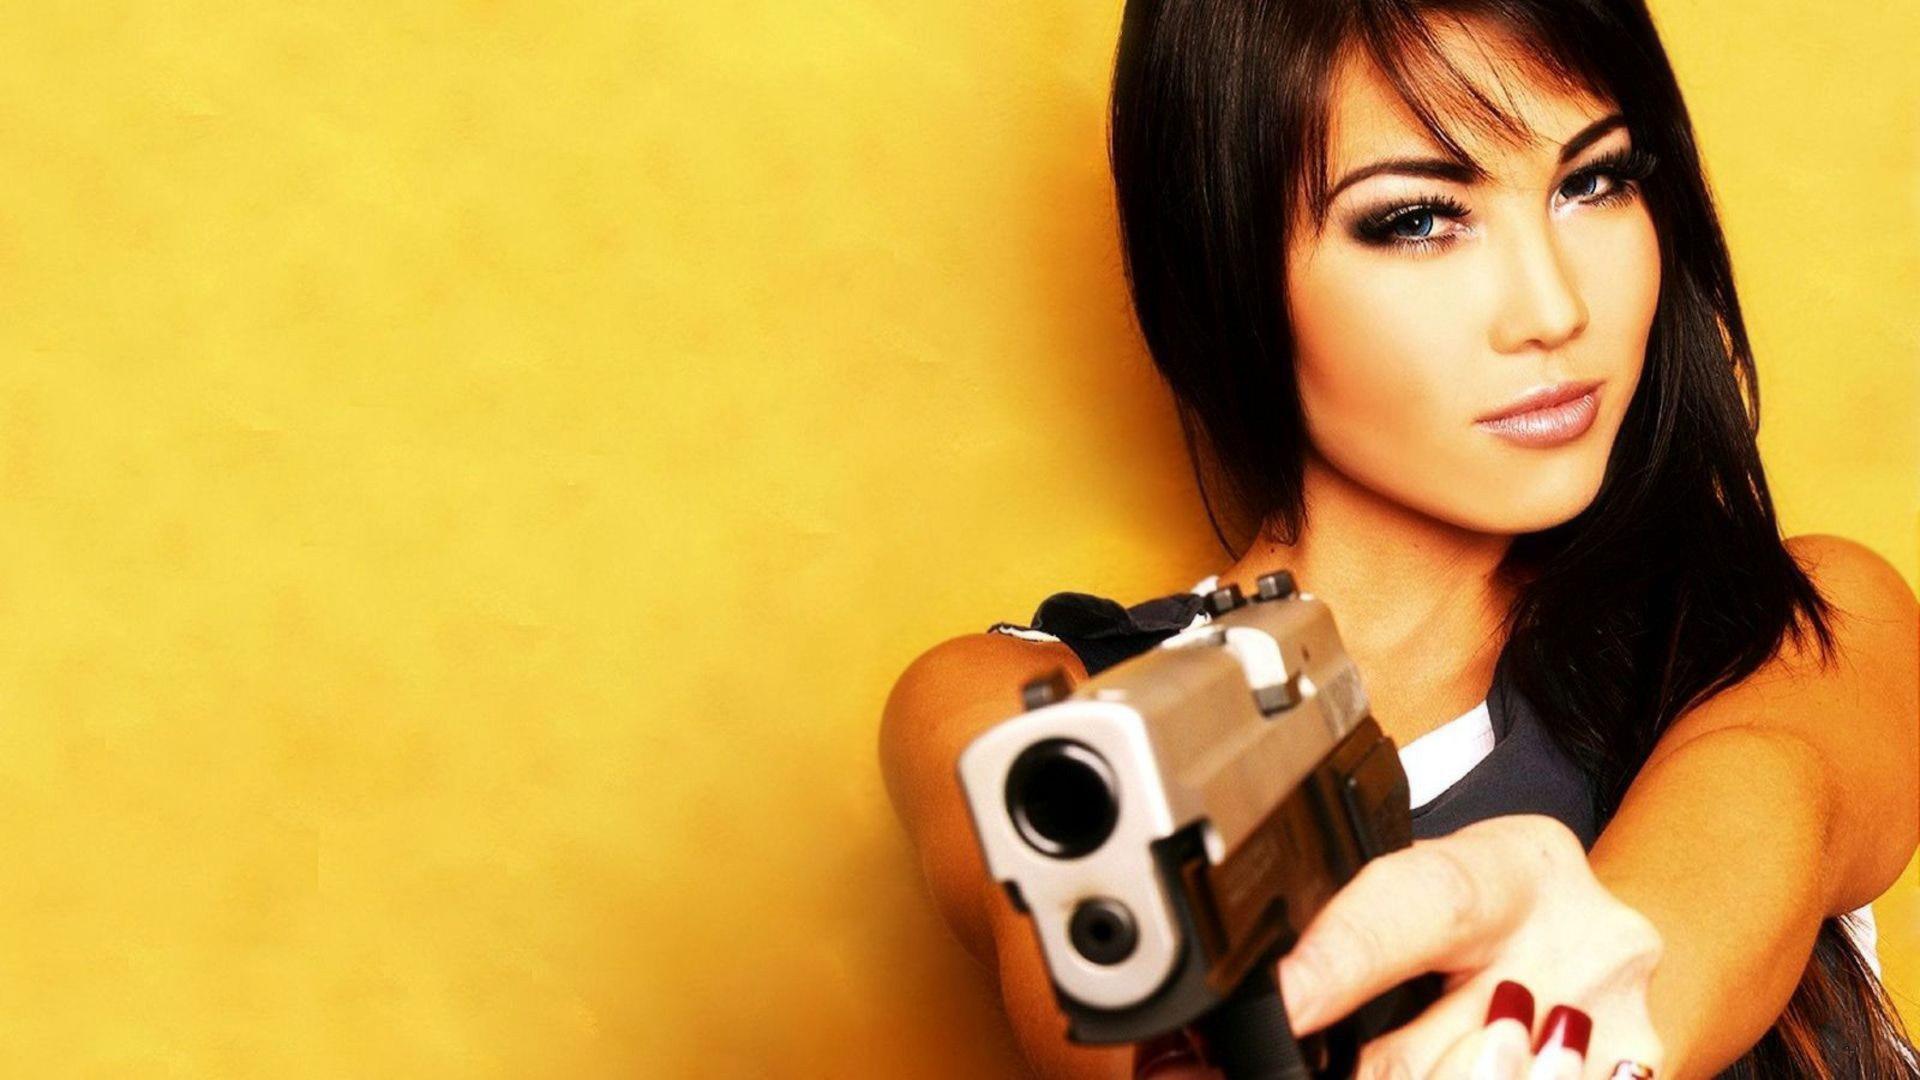 Copia di girl with gun full hd wallpaper for desktop